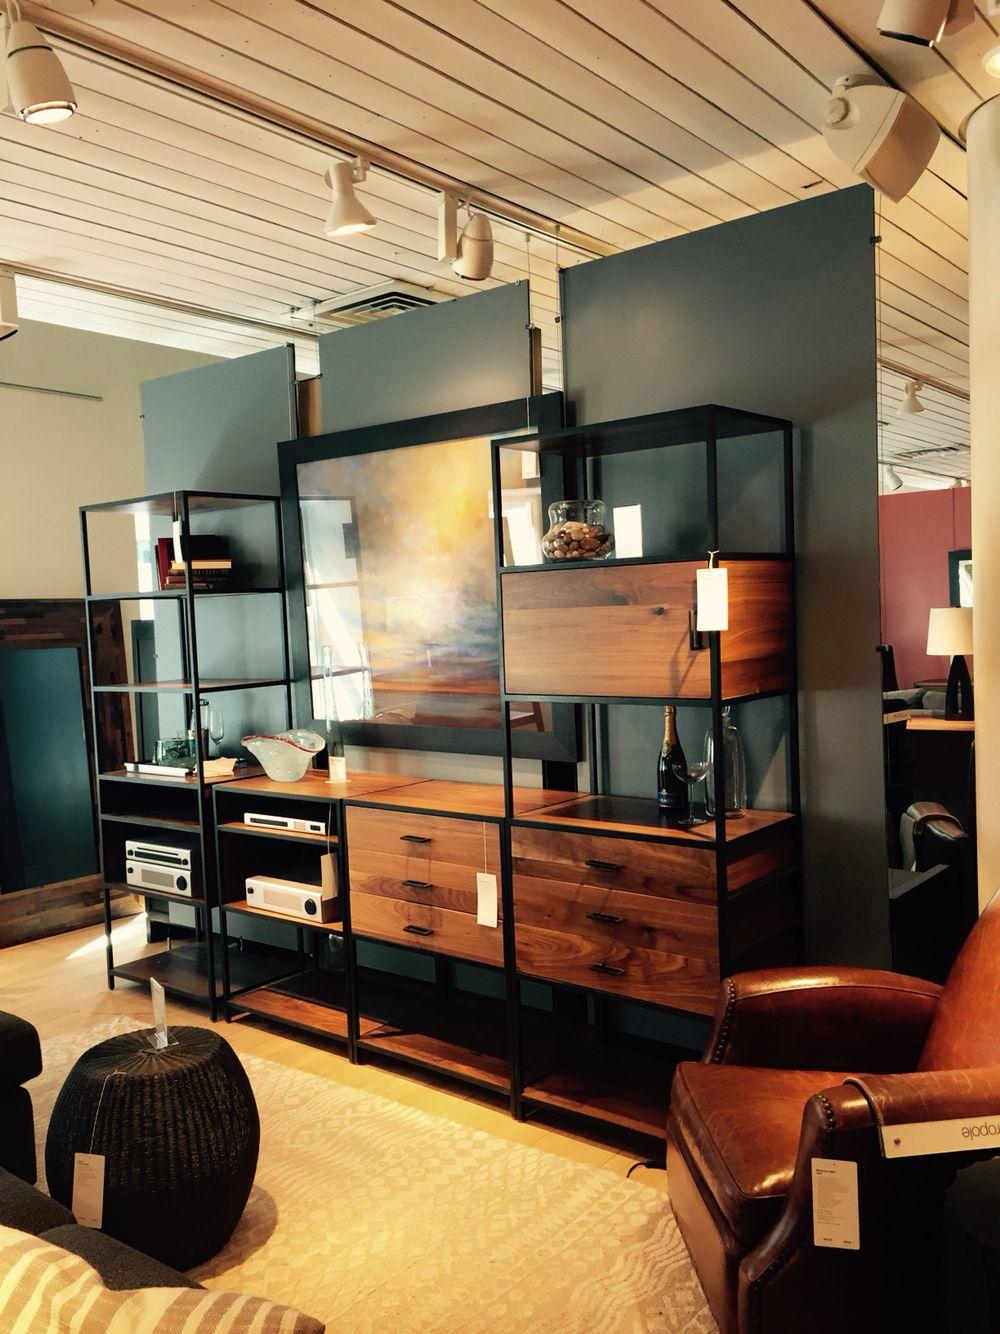 mueble estantes hierro y madera | herreria | pinterest | madera ... - Muebles De Herreria Para Tv